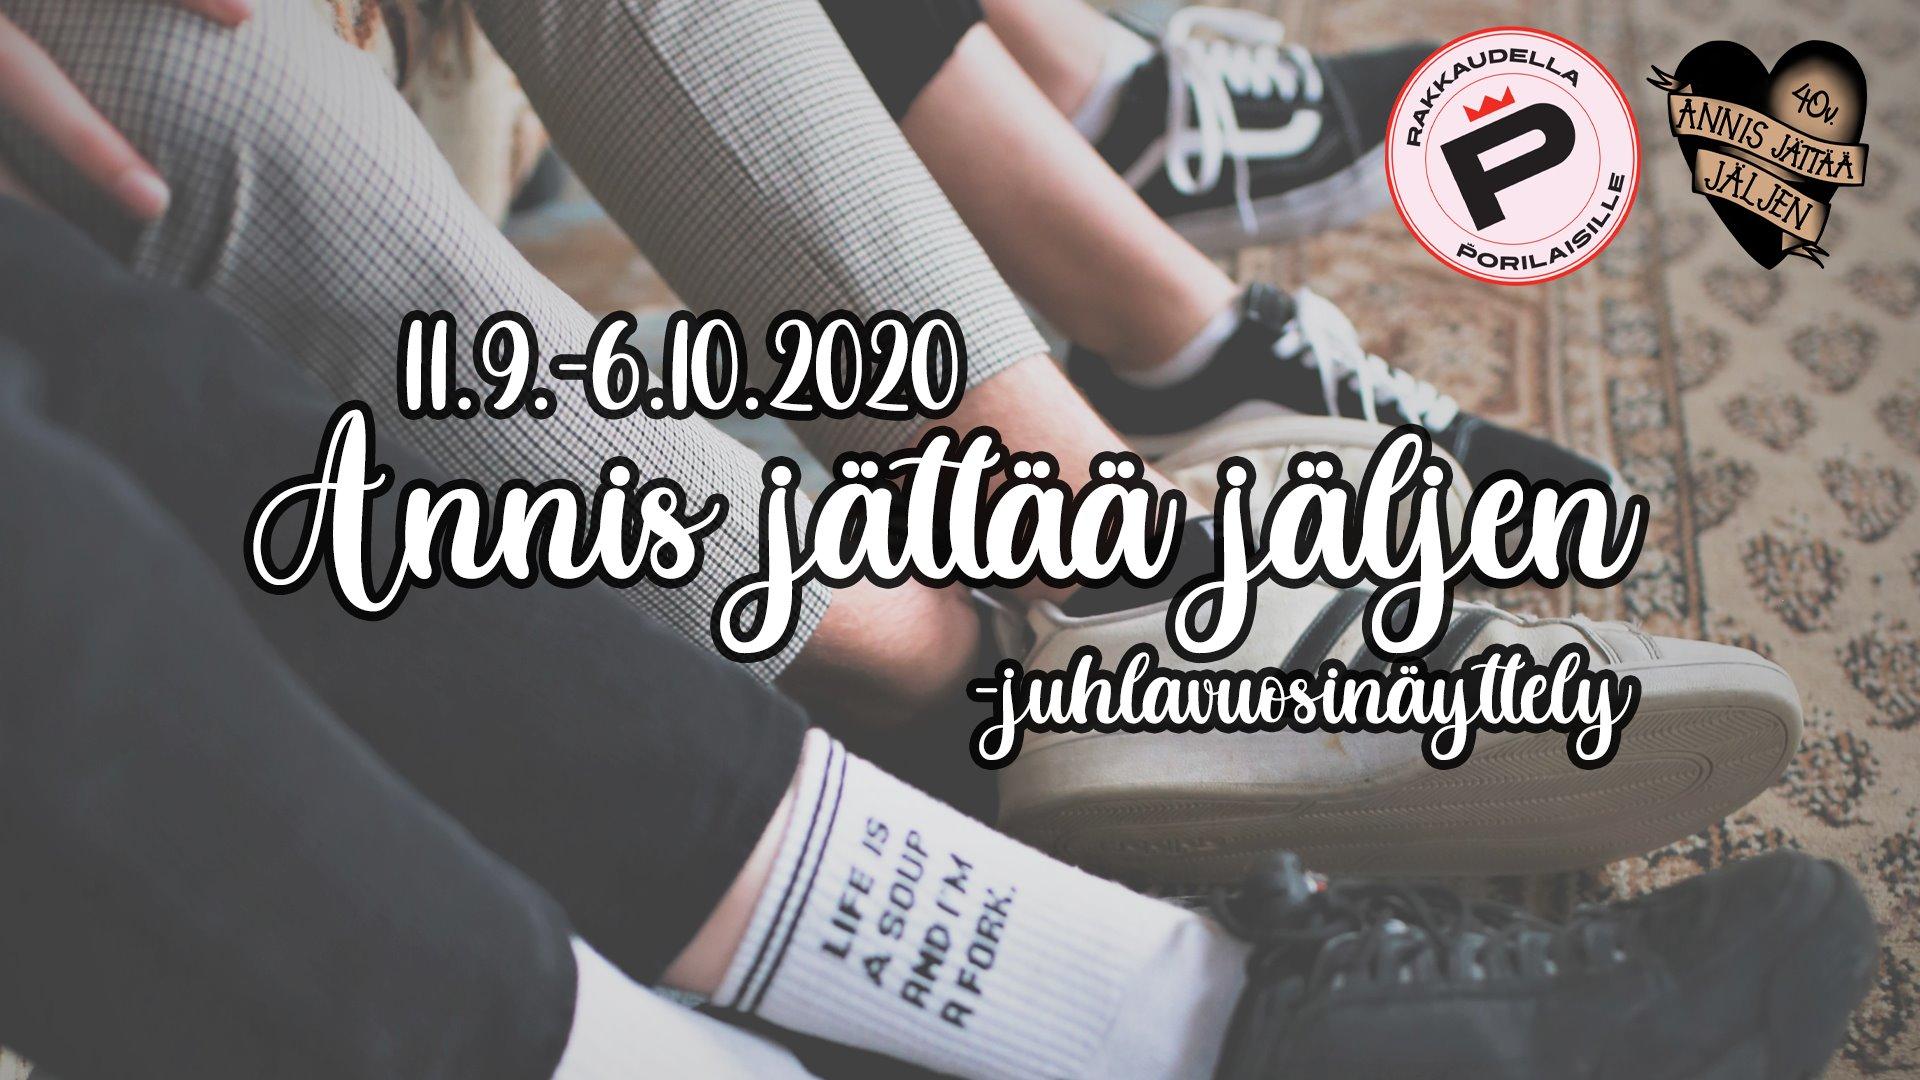 ANNIS JÄTTÄÄ JÄLJEN -juhlavuosinäyttely